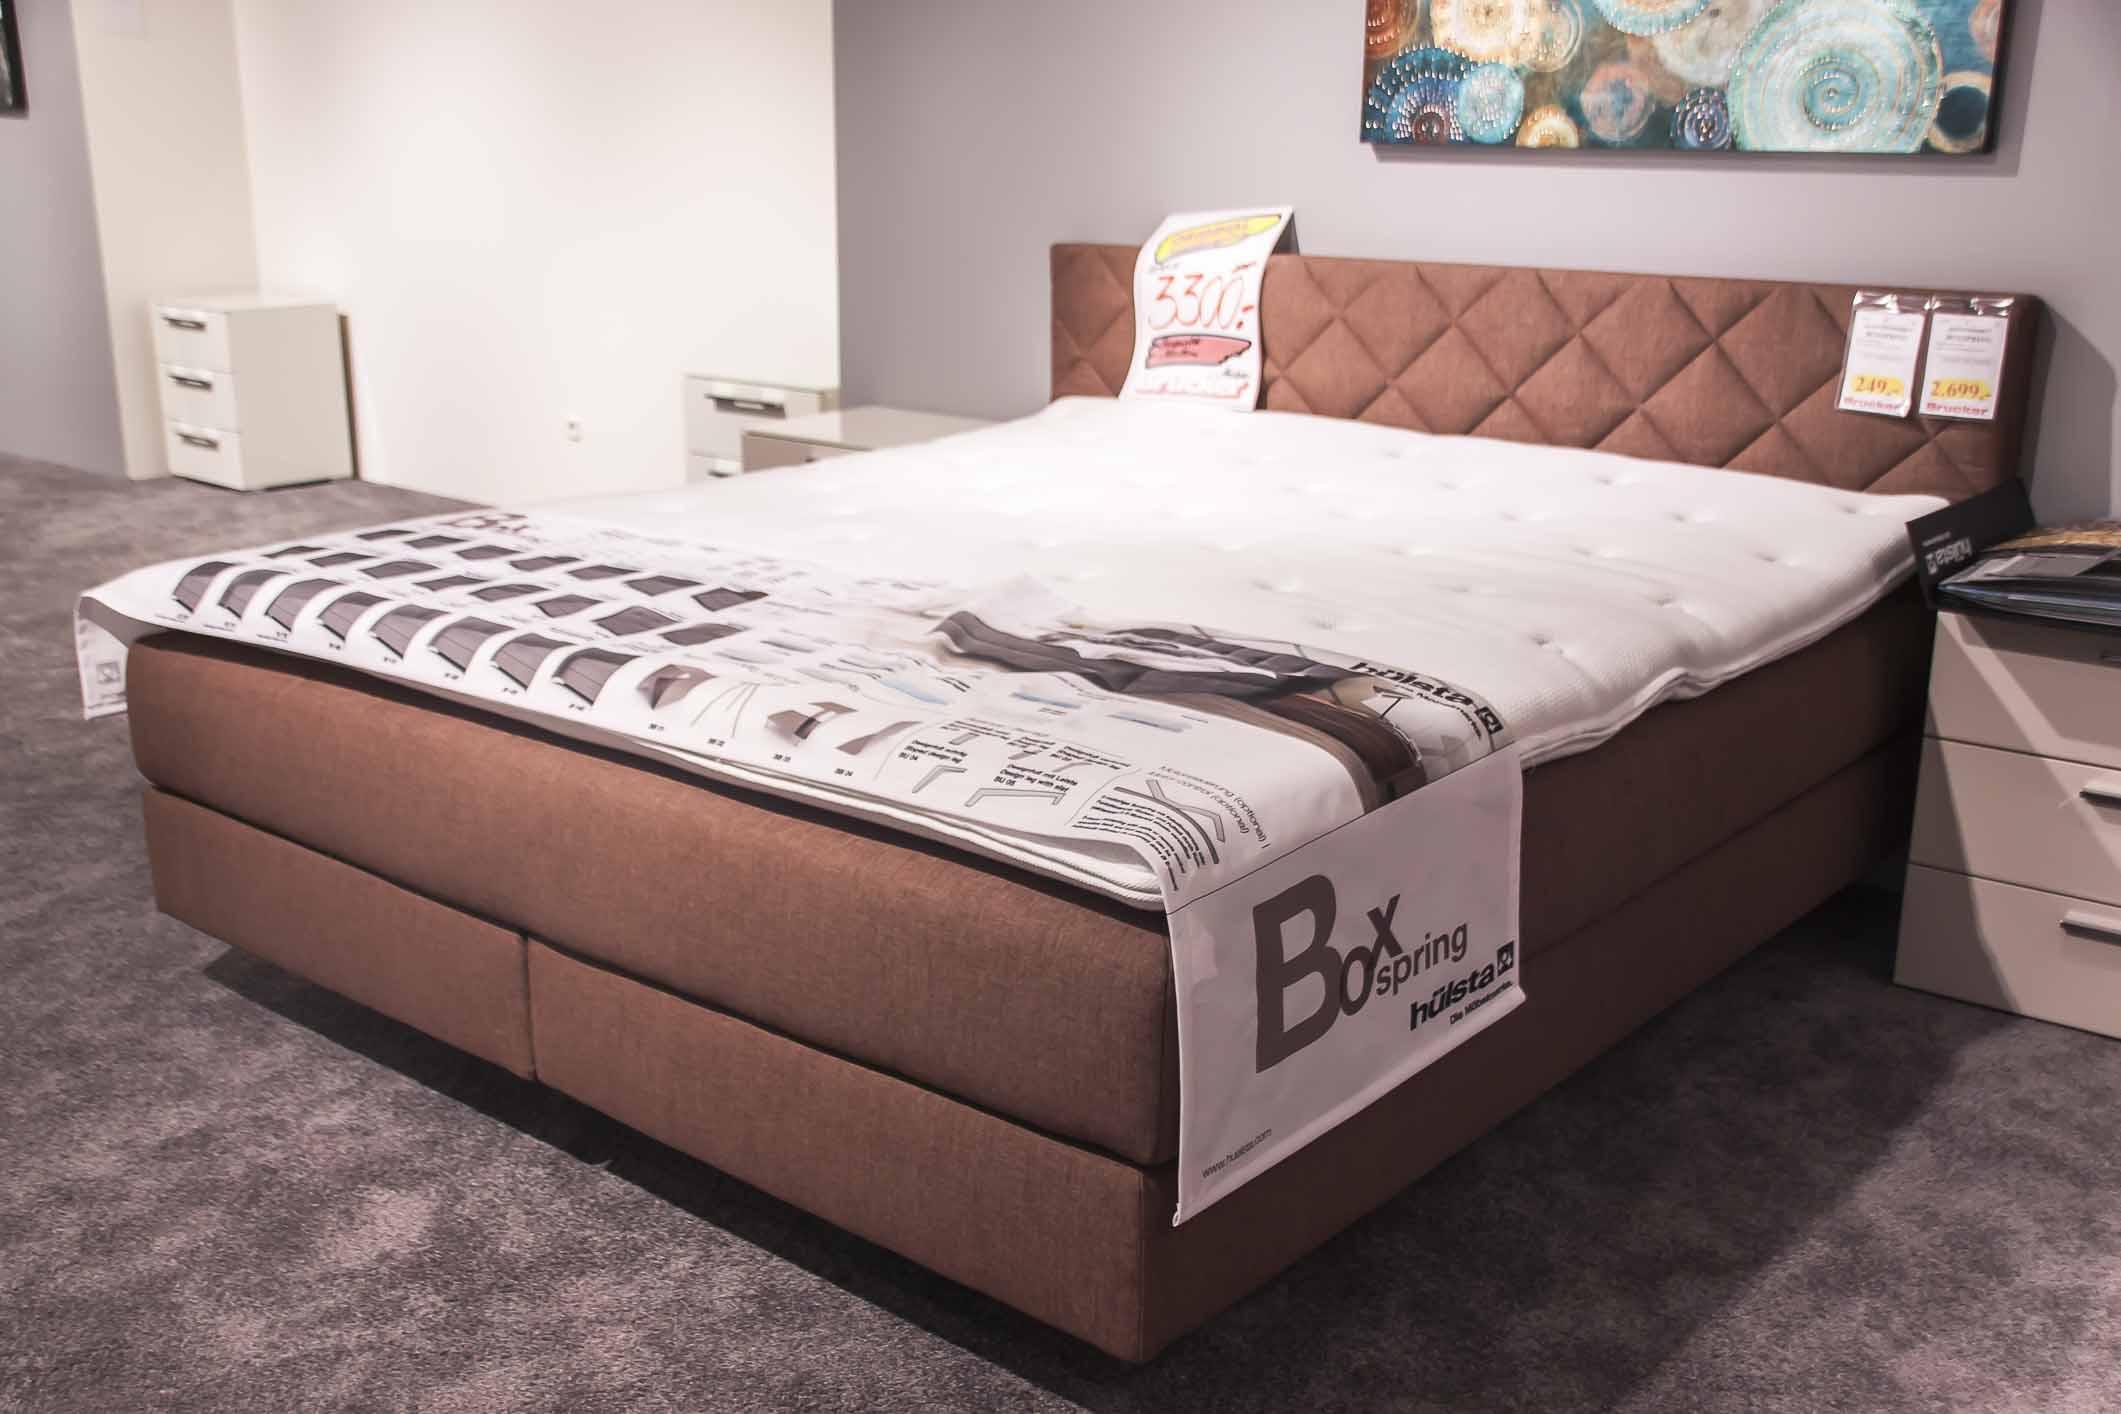 Full Size of Hülsta Boxspring Bett Ottoversand Betten Prinzessin Japanisches Günstiges Einfaches Im Schrank 160 160x200 Mit Lattenrost Und Matratze Amerikanisches Bett Hülsta Boxspring Bett